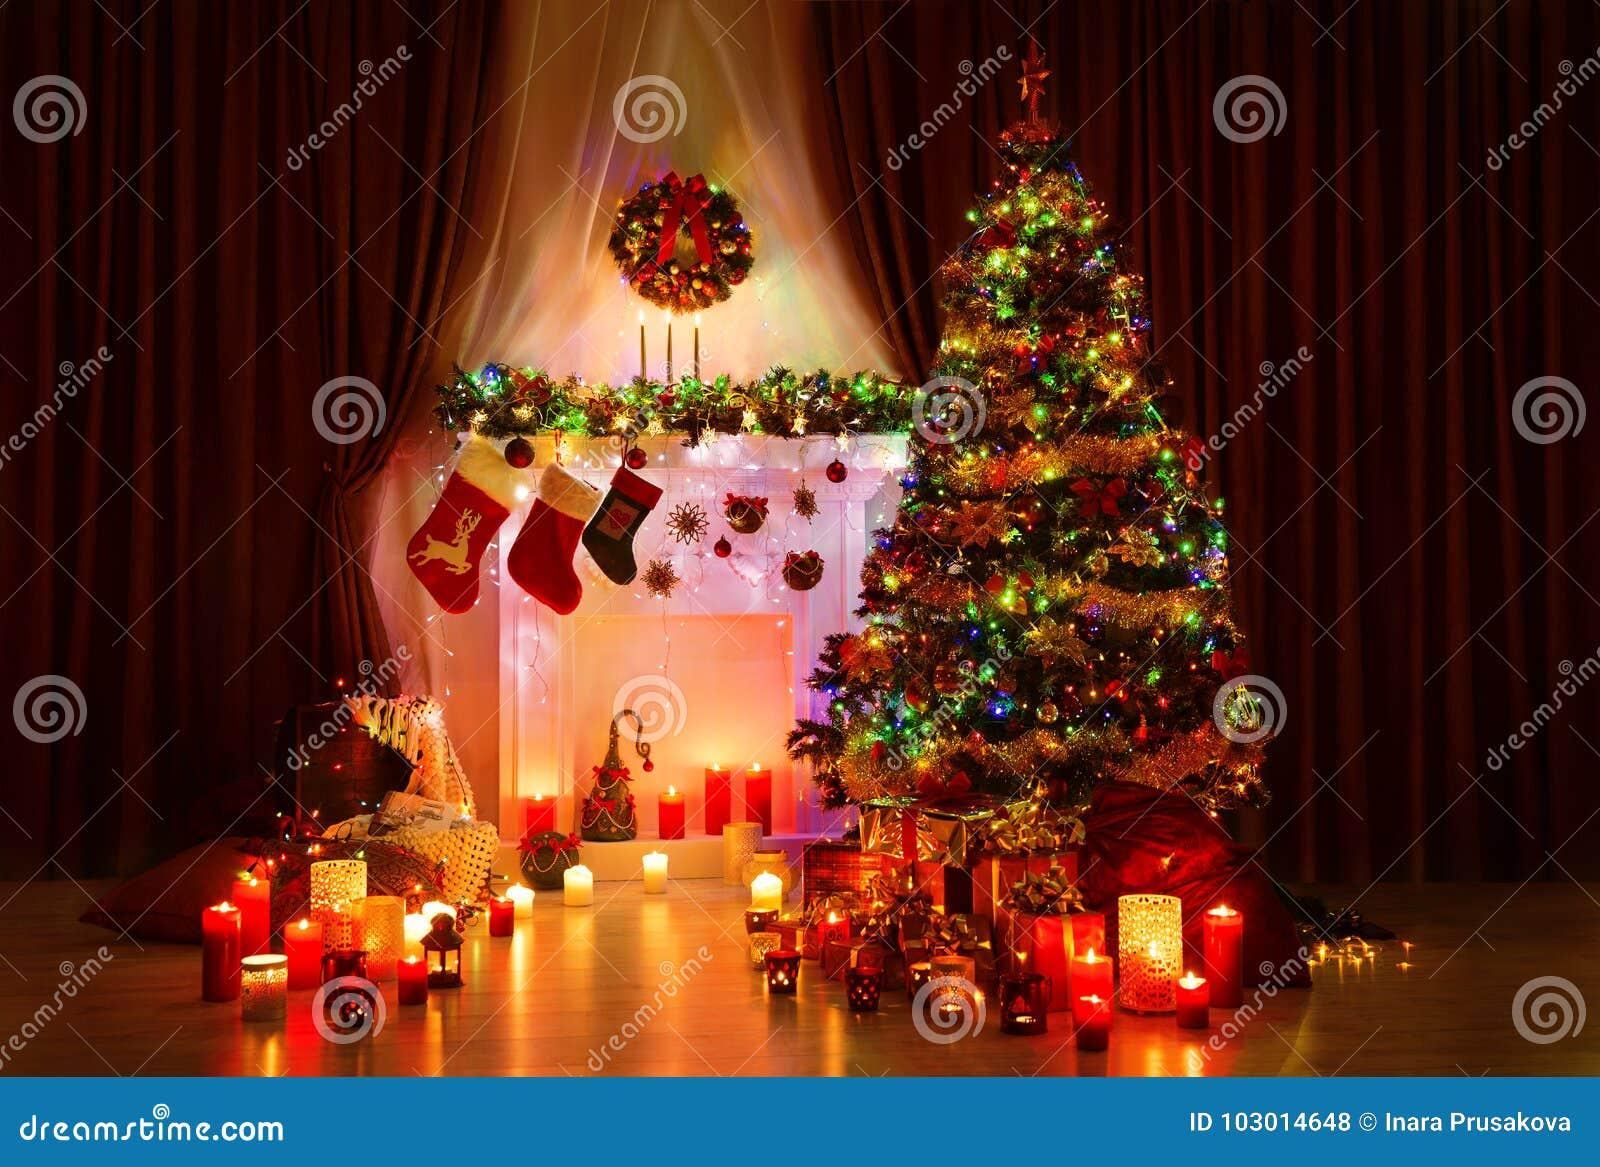 Χριστουγεννιάτικο δέντρο φωτισμού, εστία Χριστουγέννων και γυναικείες κάλτσες, νέο έτος